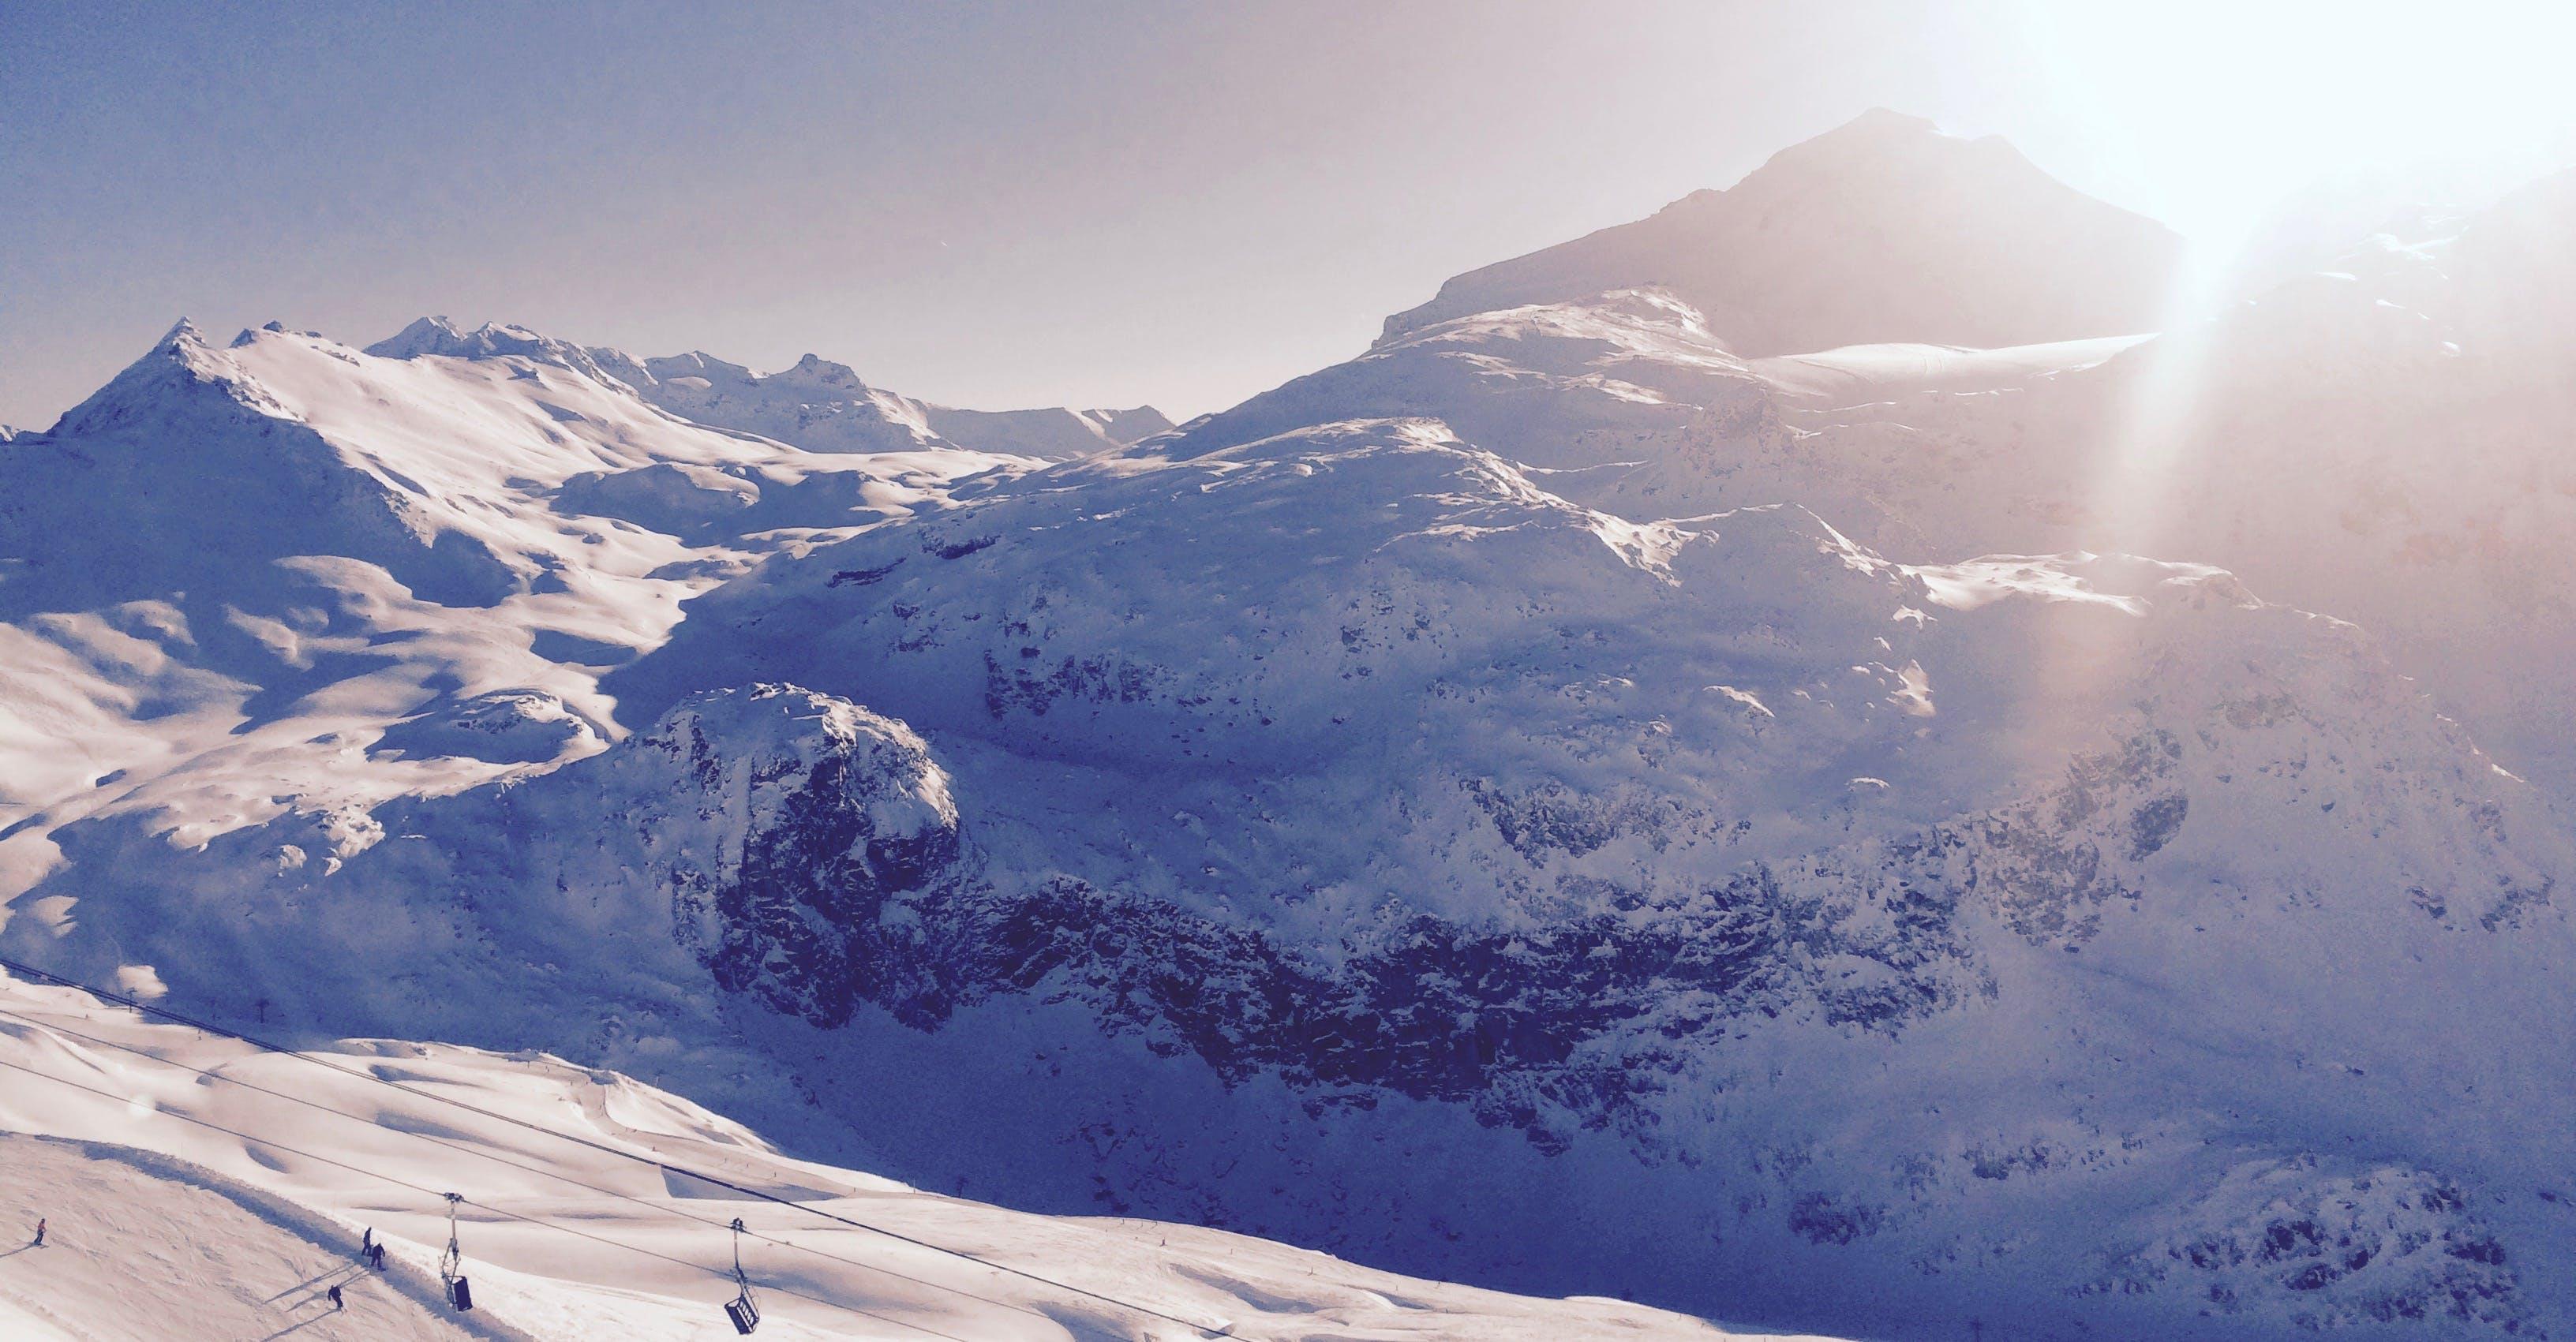 White Snowy Mountain during Daytime